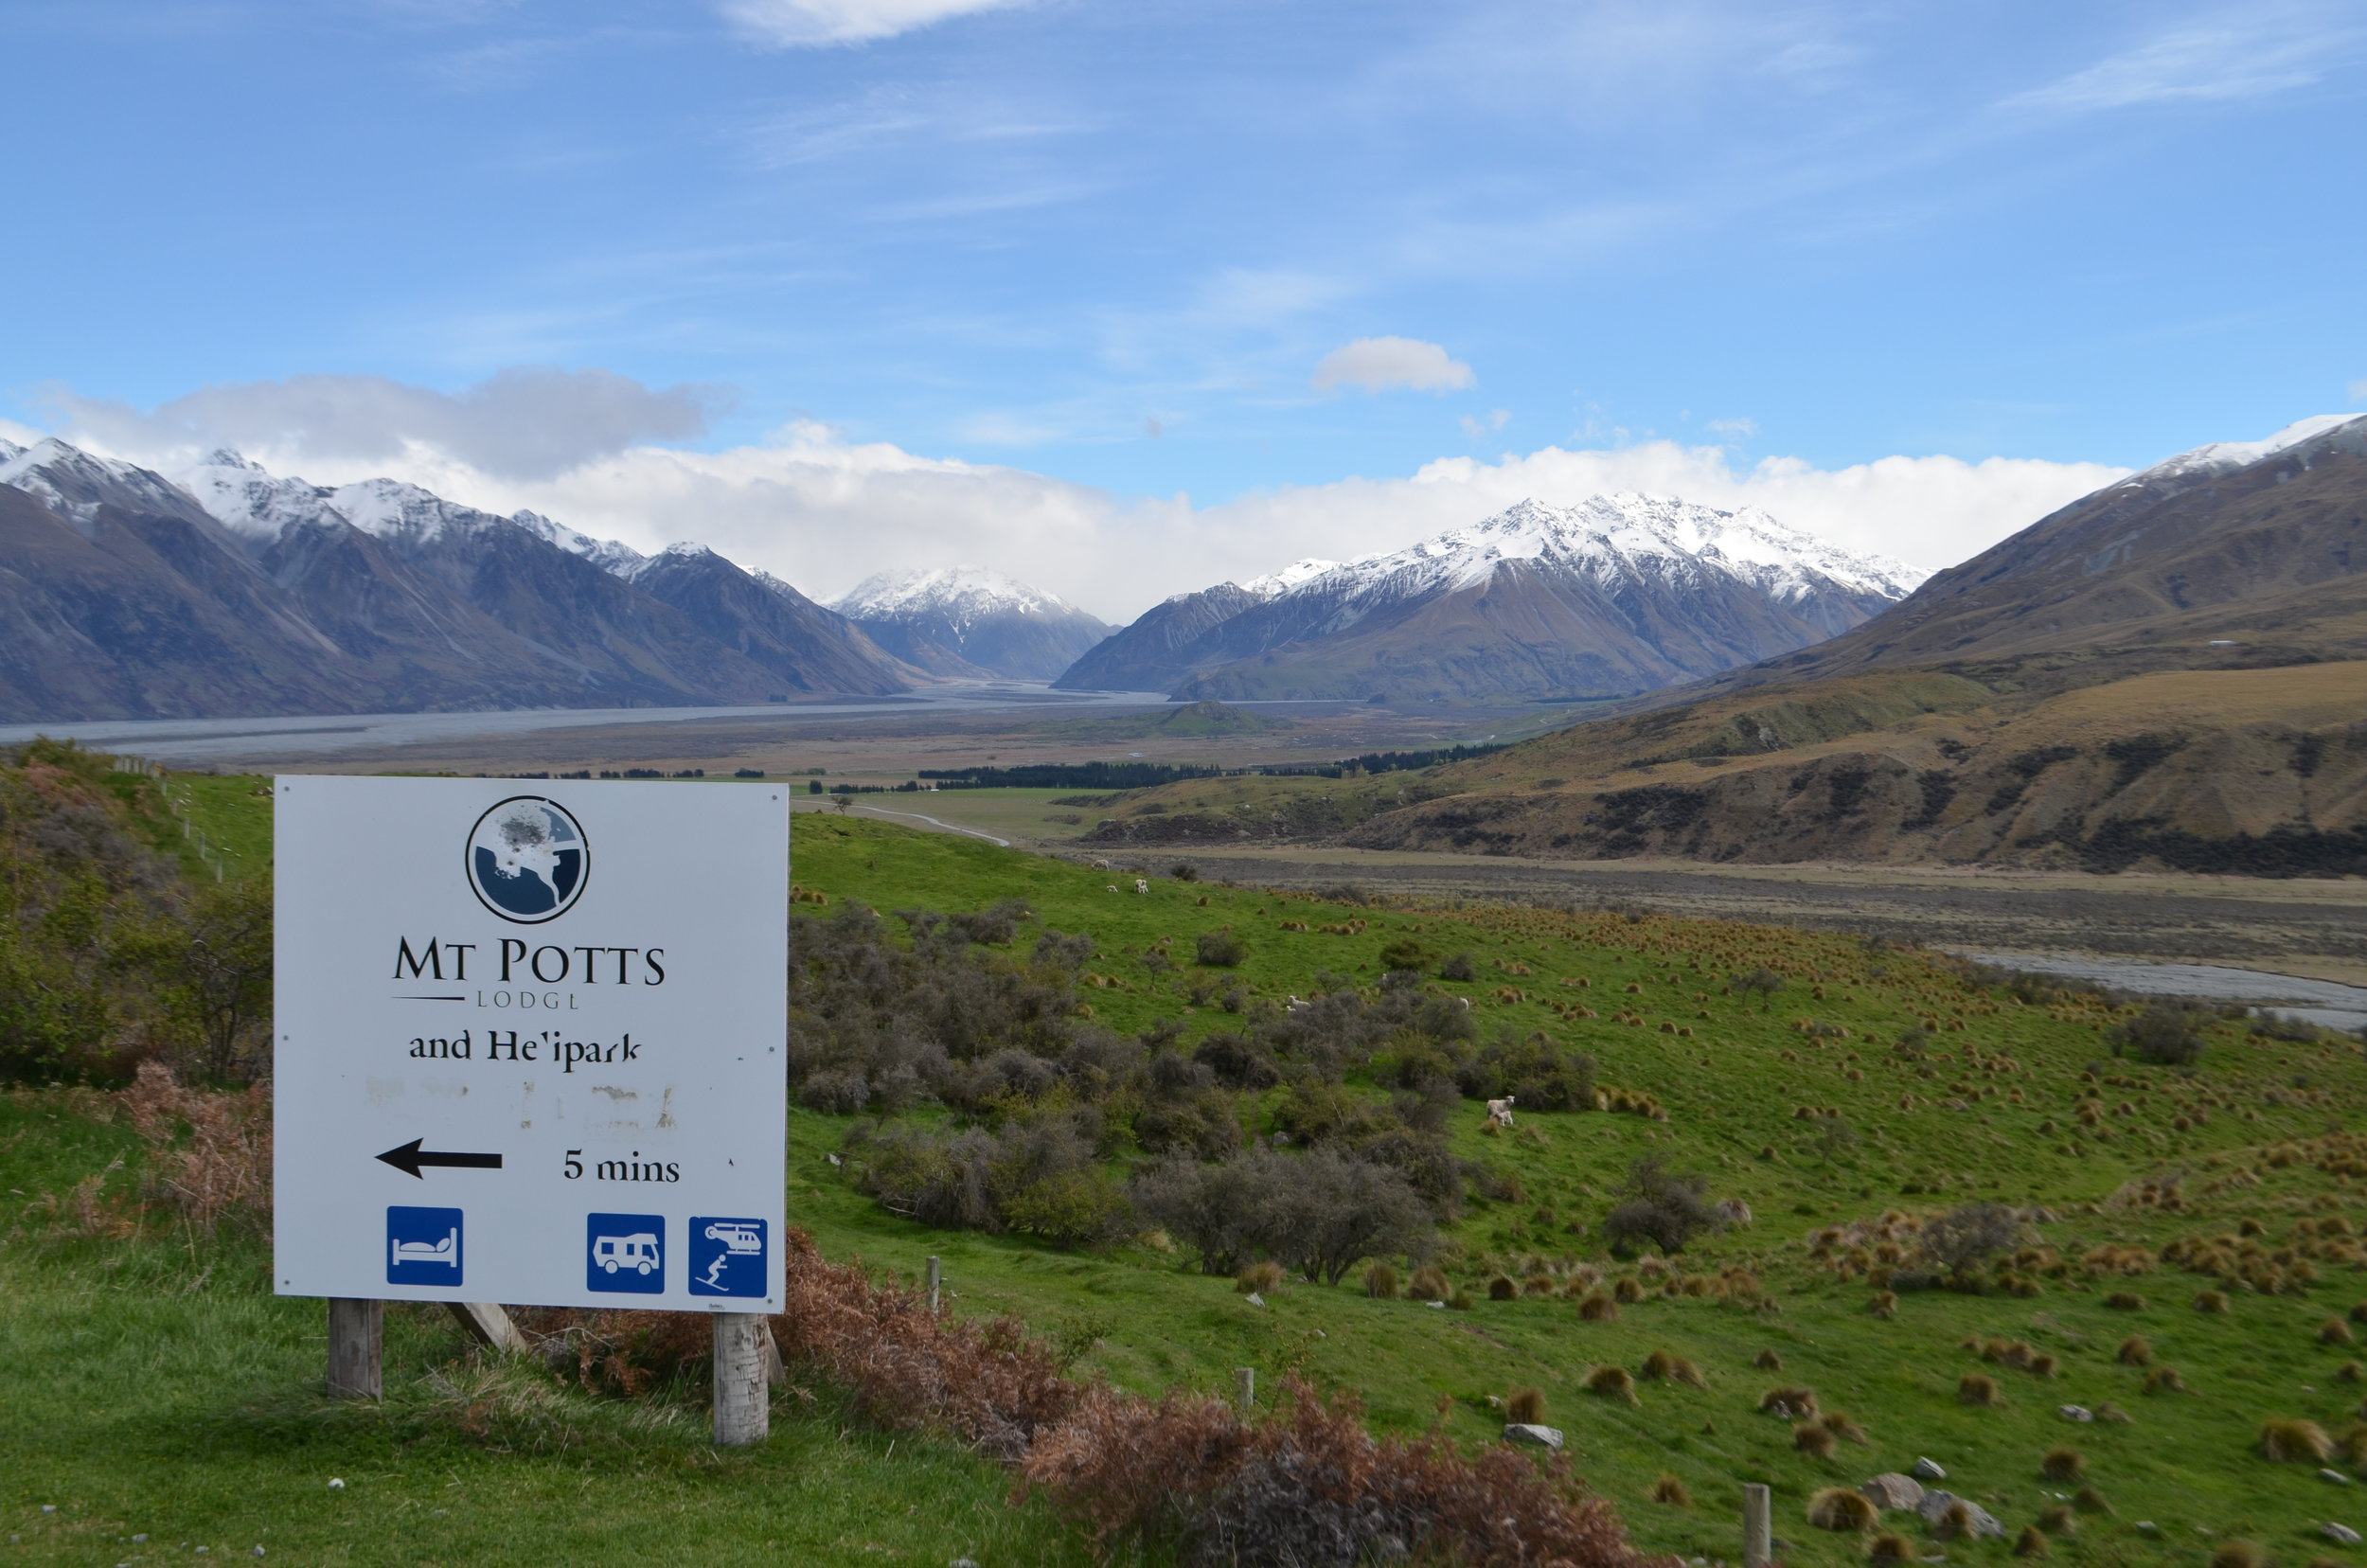 Mt Potts_uttafor_boksen.jpg